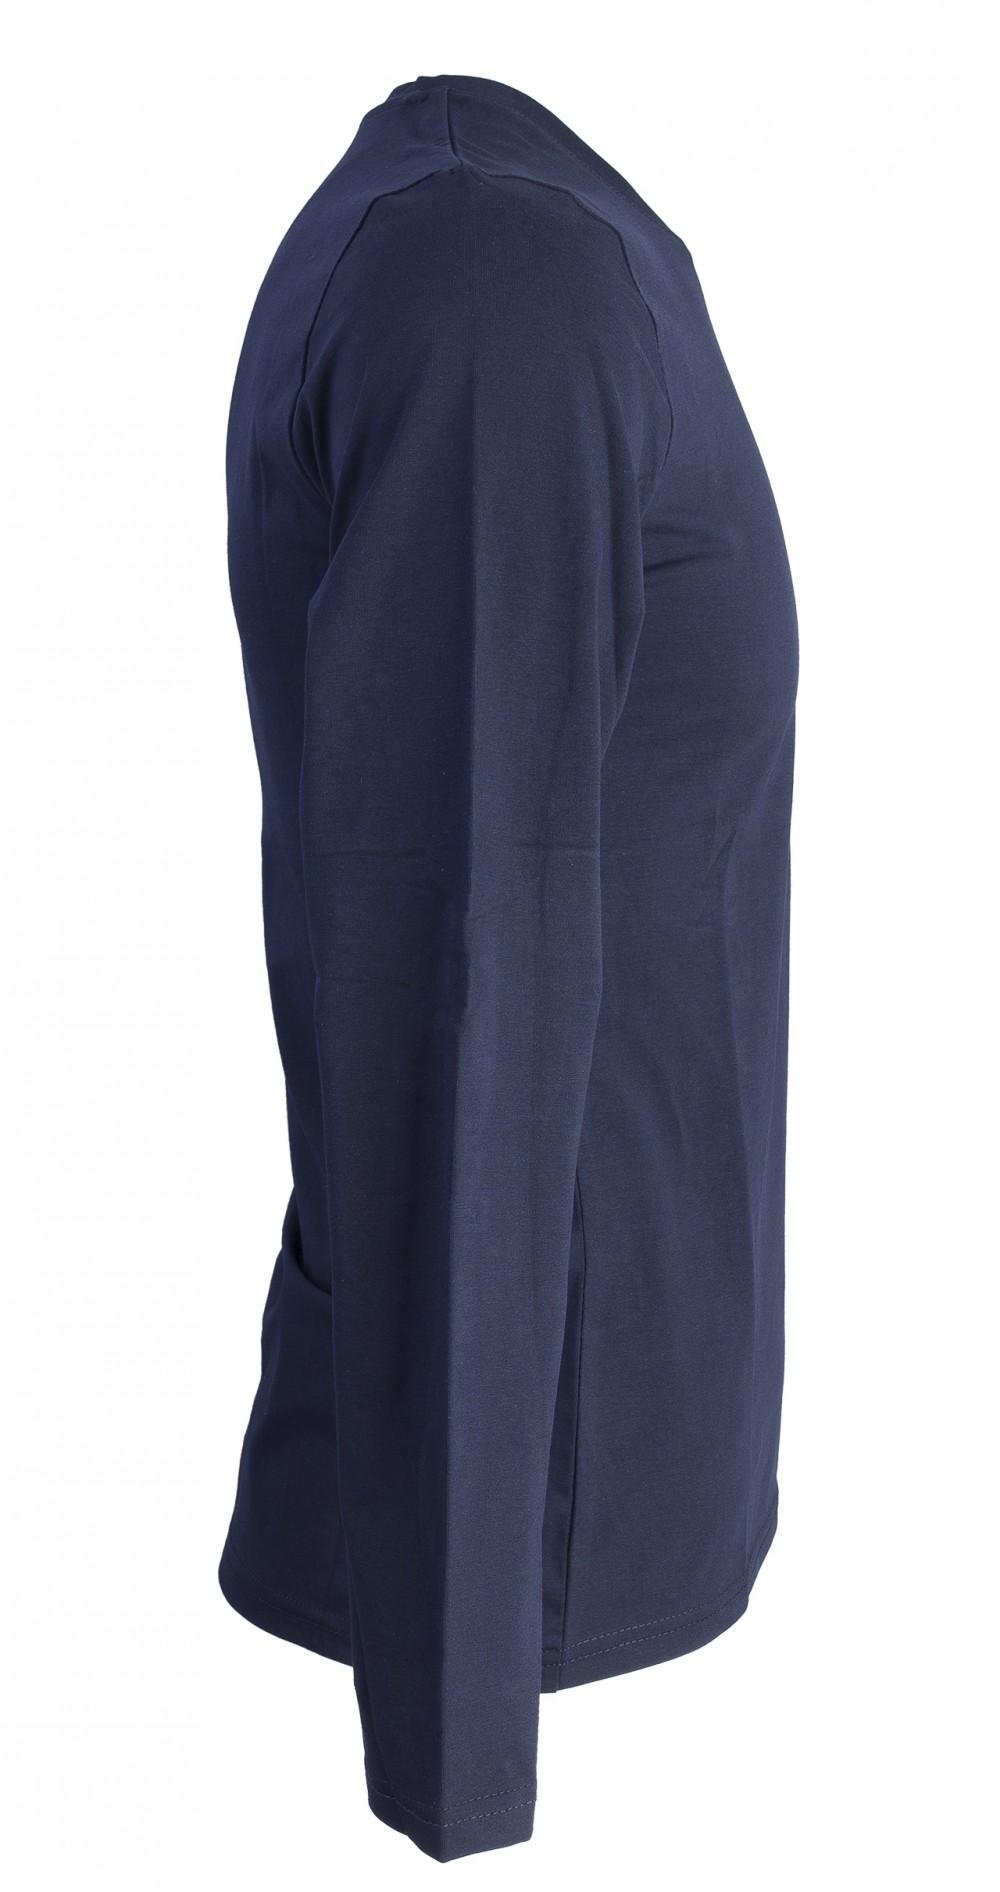 Áo thun tay dài xanh đen at748 - 2